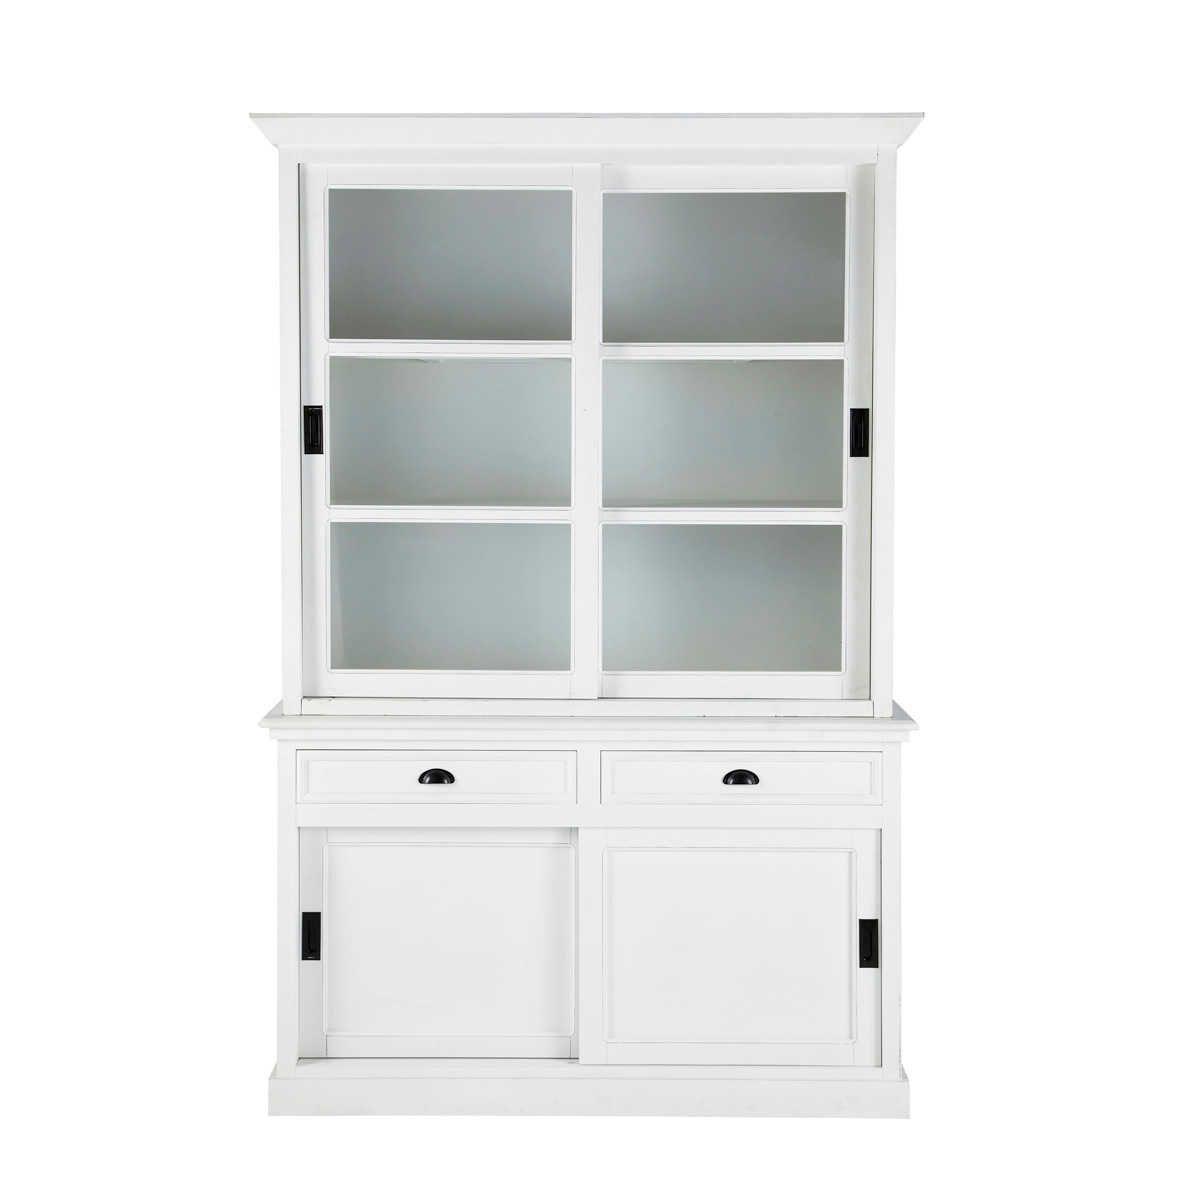 vaisselier en pin blanc l 145 cm vaisselier bois blanc. Black Bedroom Furniture Sets. Home Design Ideas